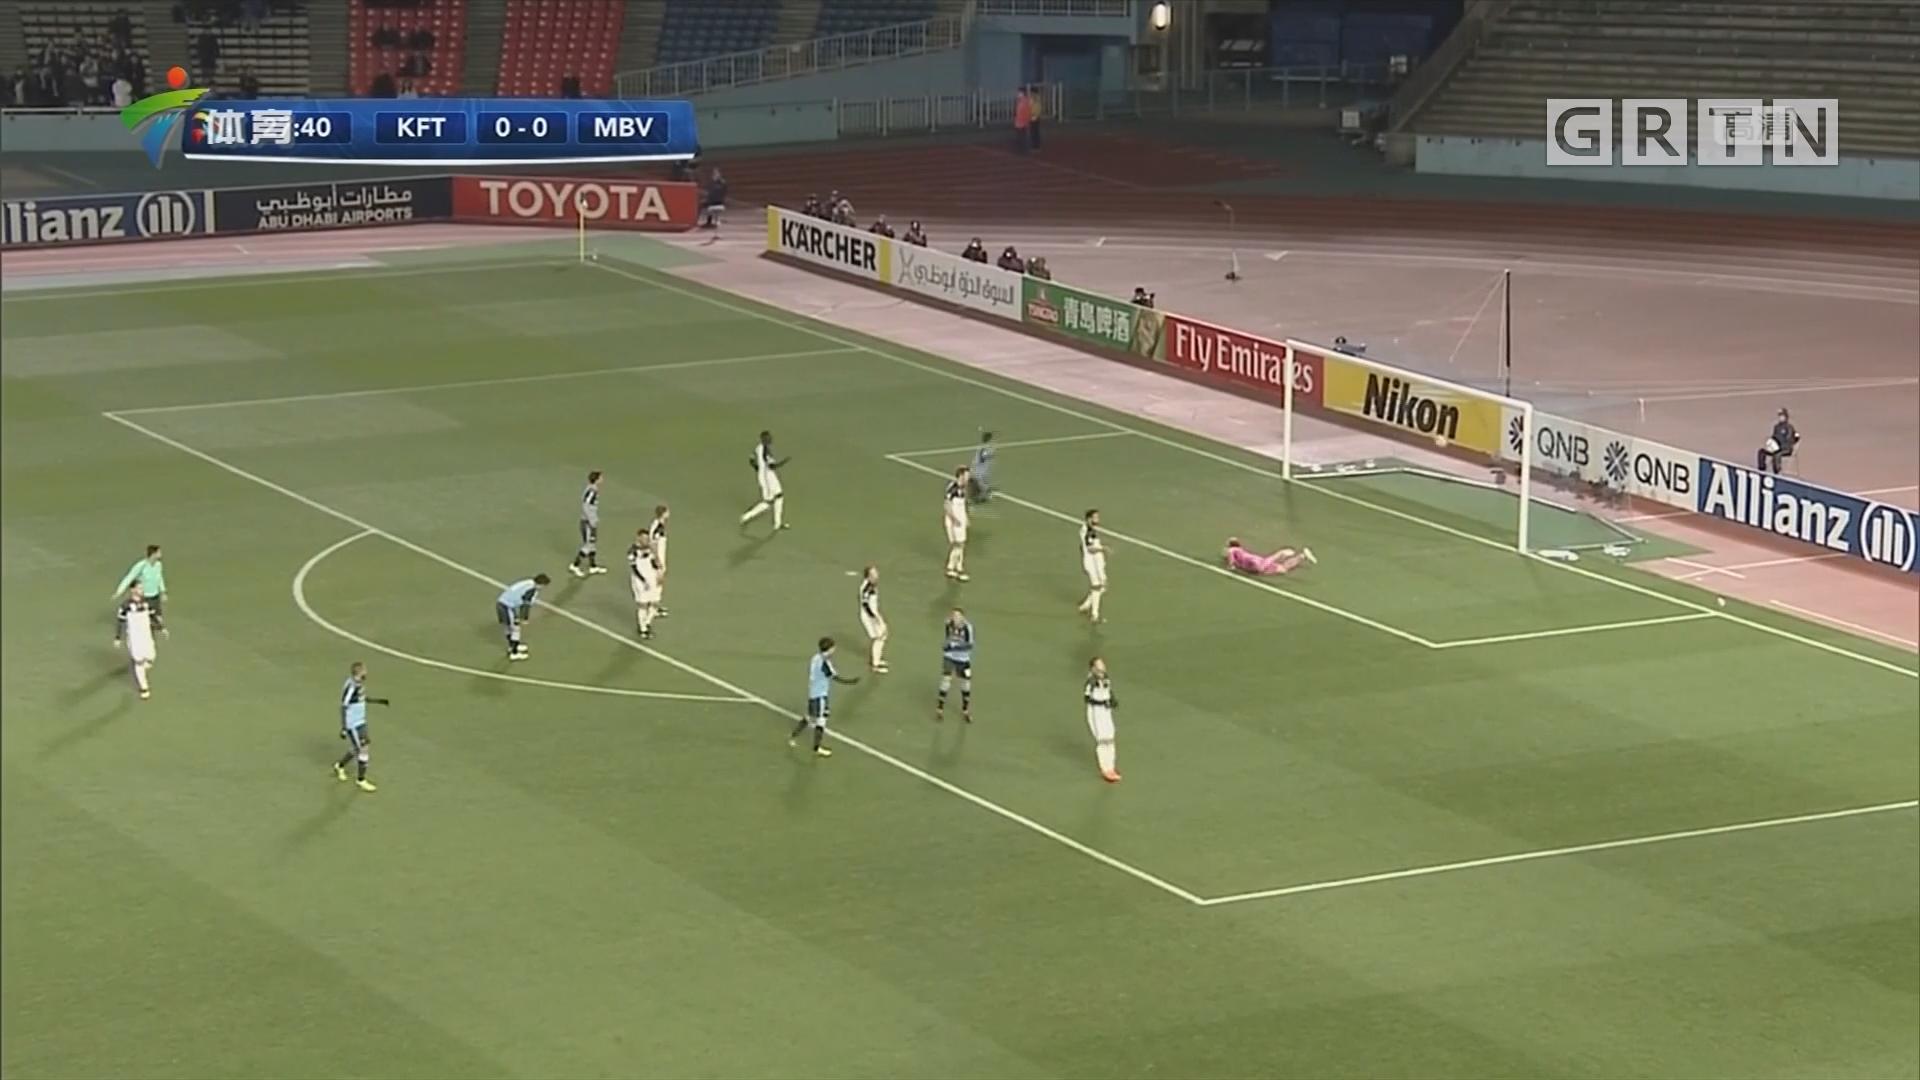 亚冠小组赛H组 川崎前锋主场战平墨尔本胜利